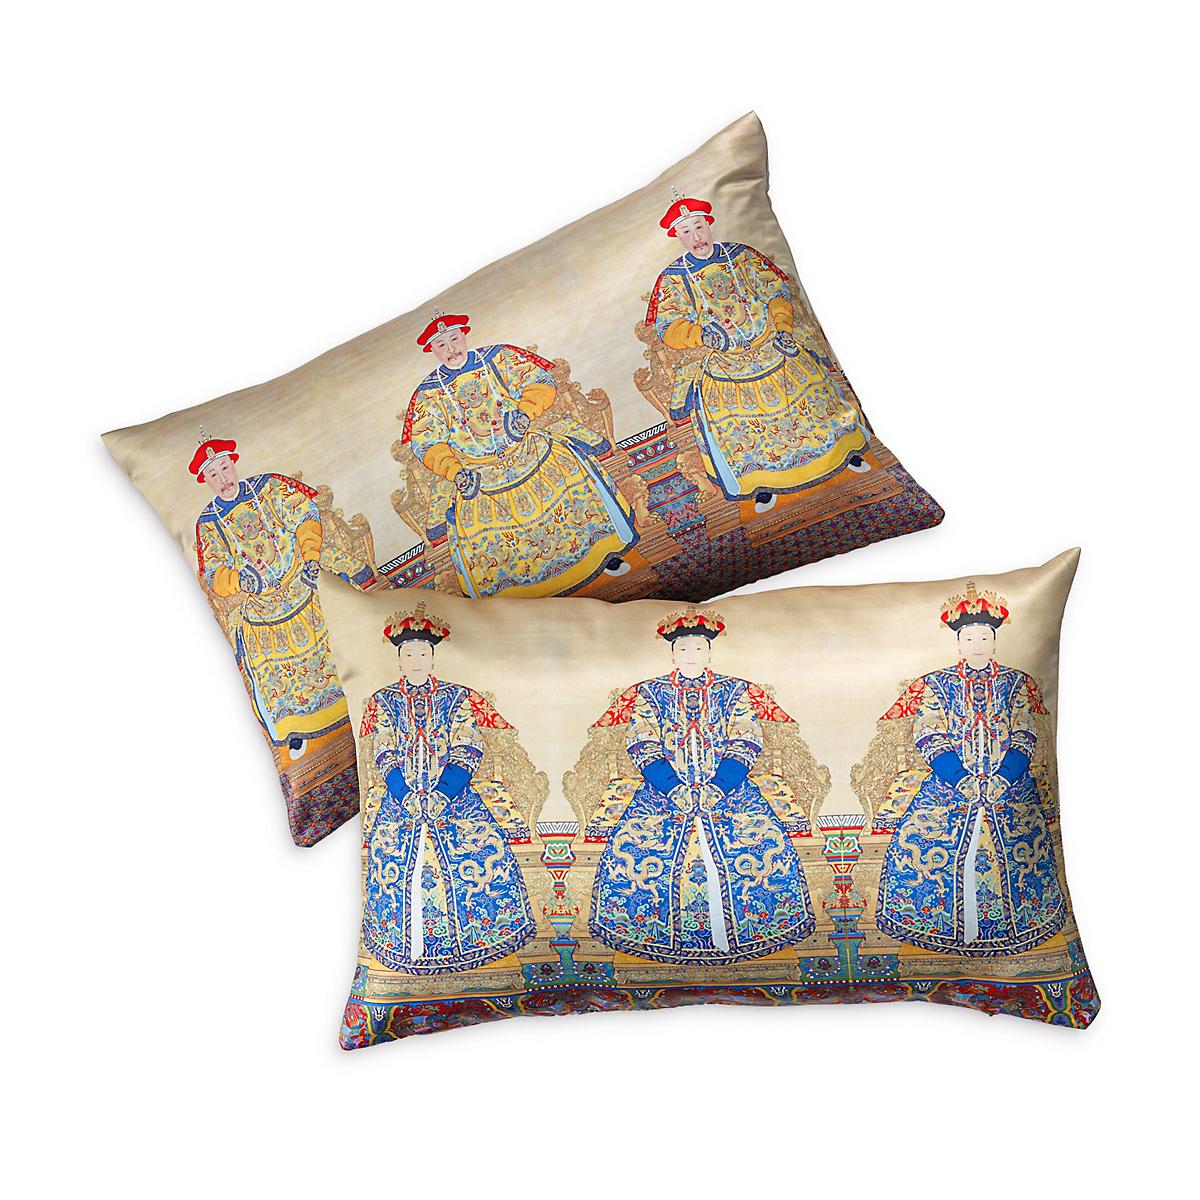 Empress & Emperor Pillows